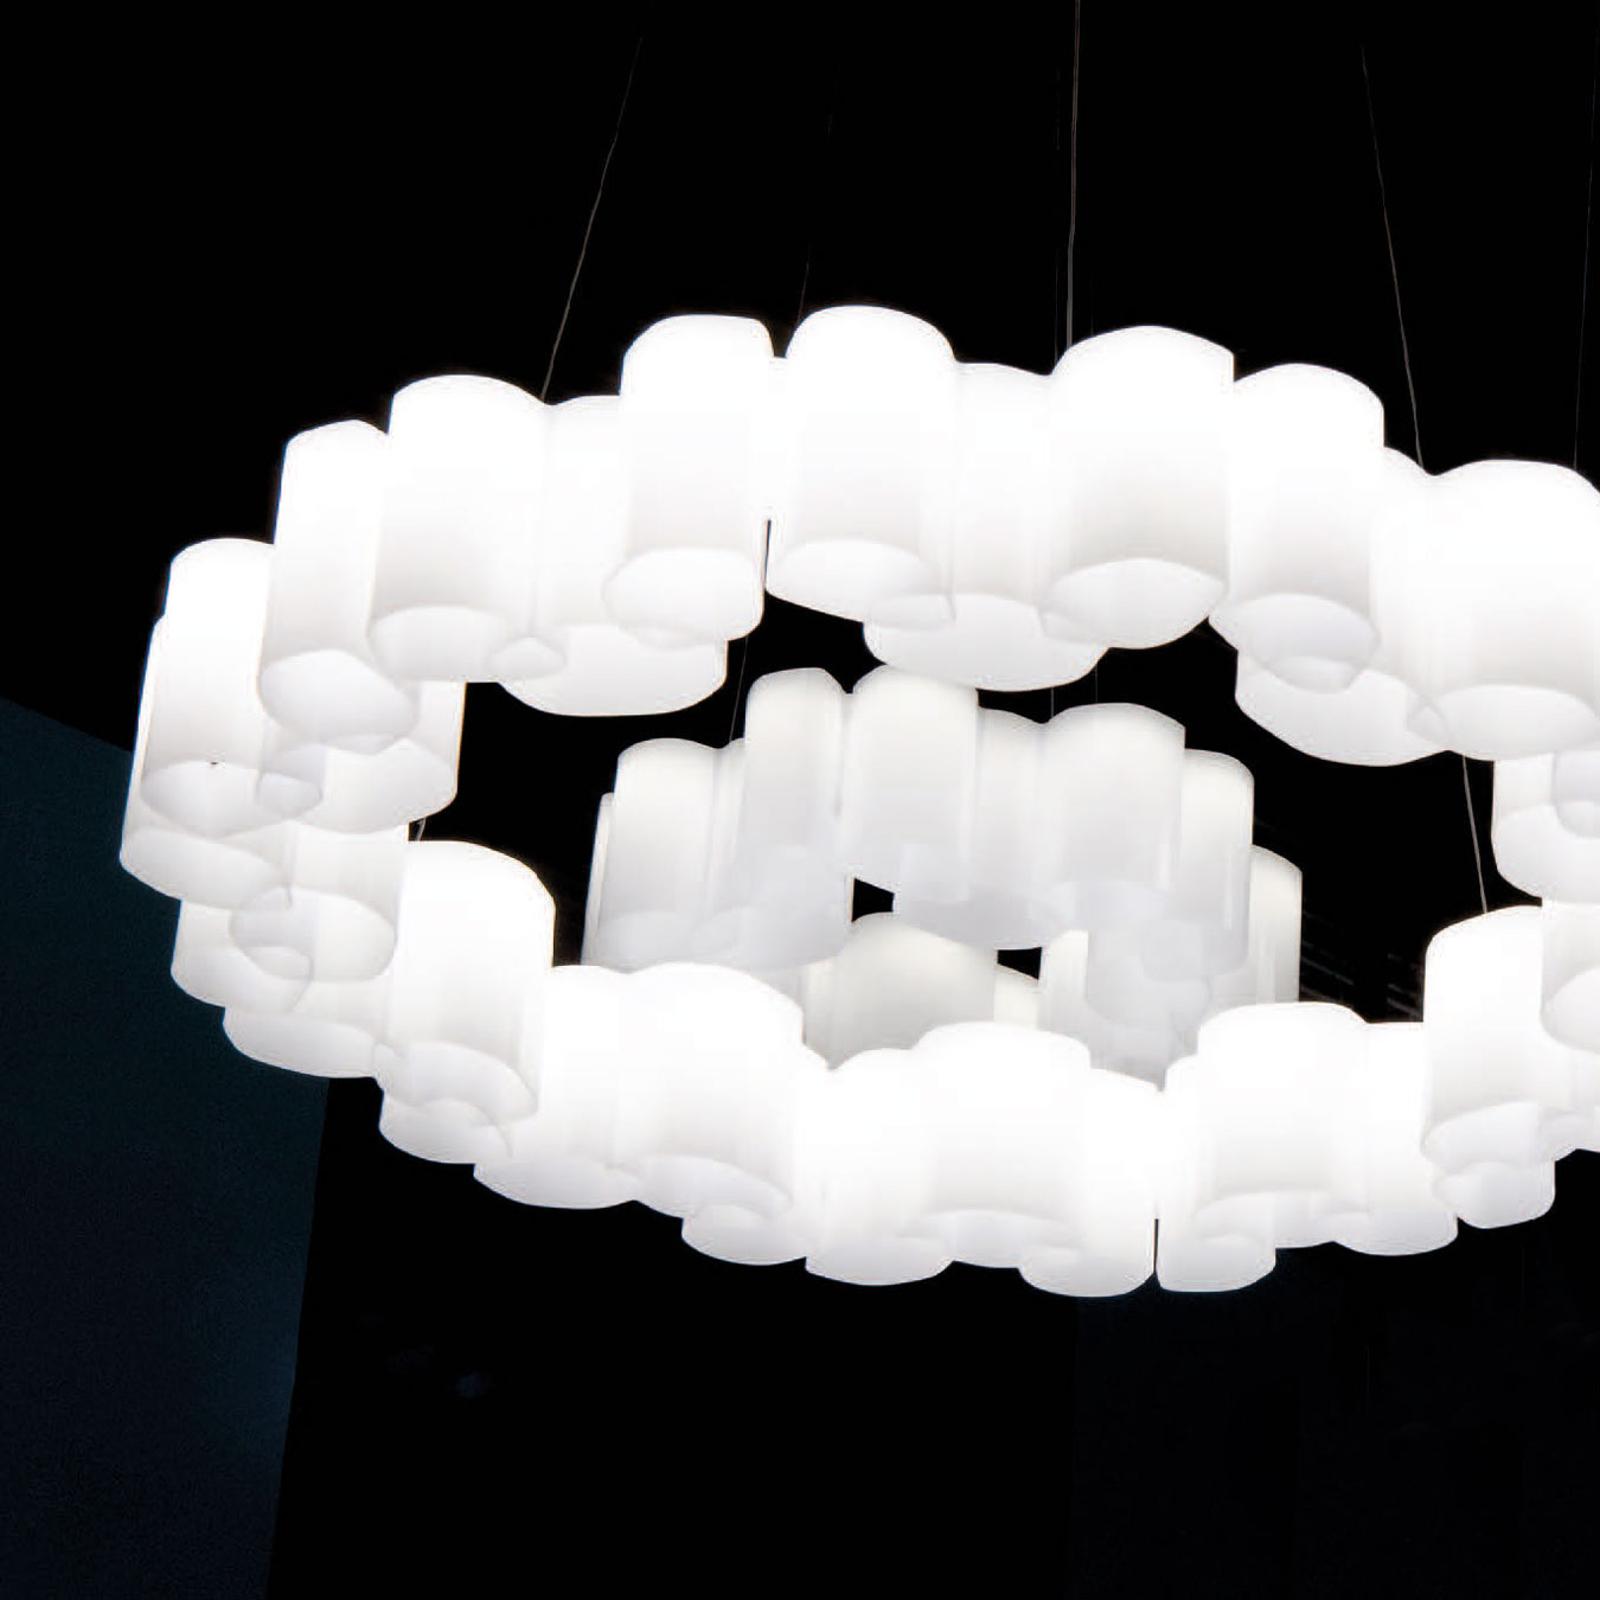 LED hanglamp Honey, dimbaar, rond, 58 cm